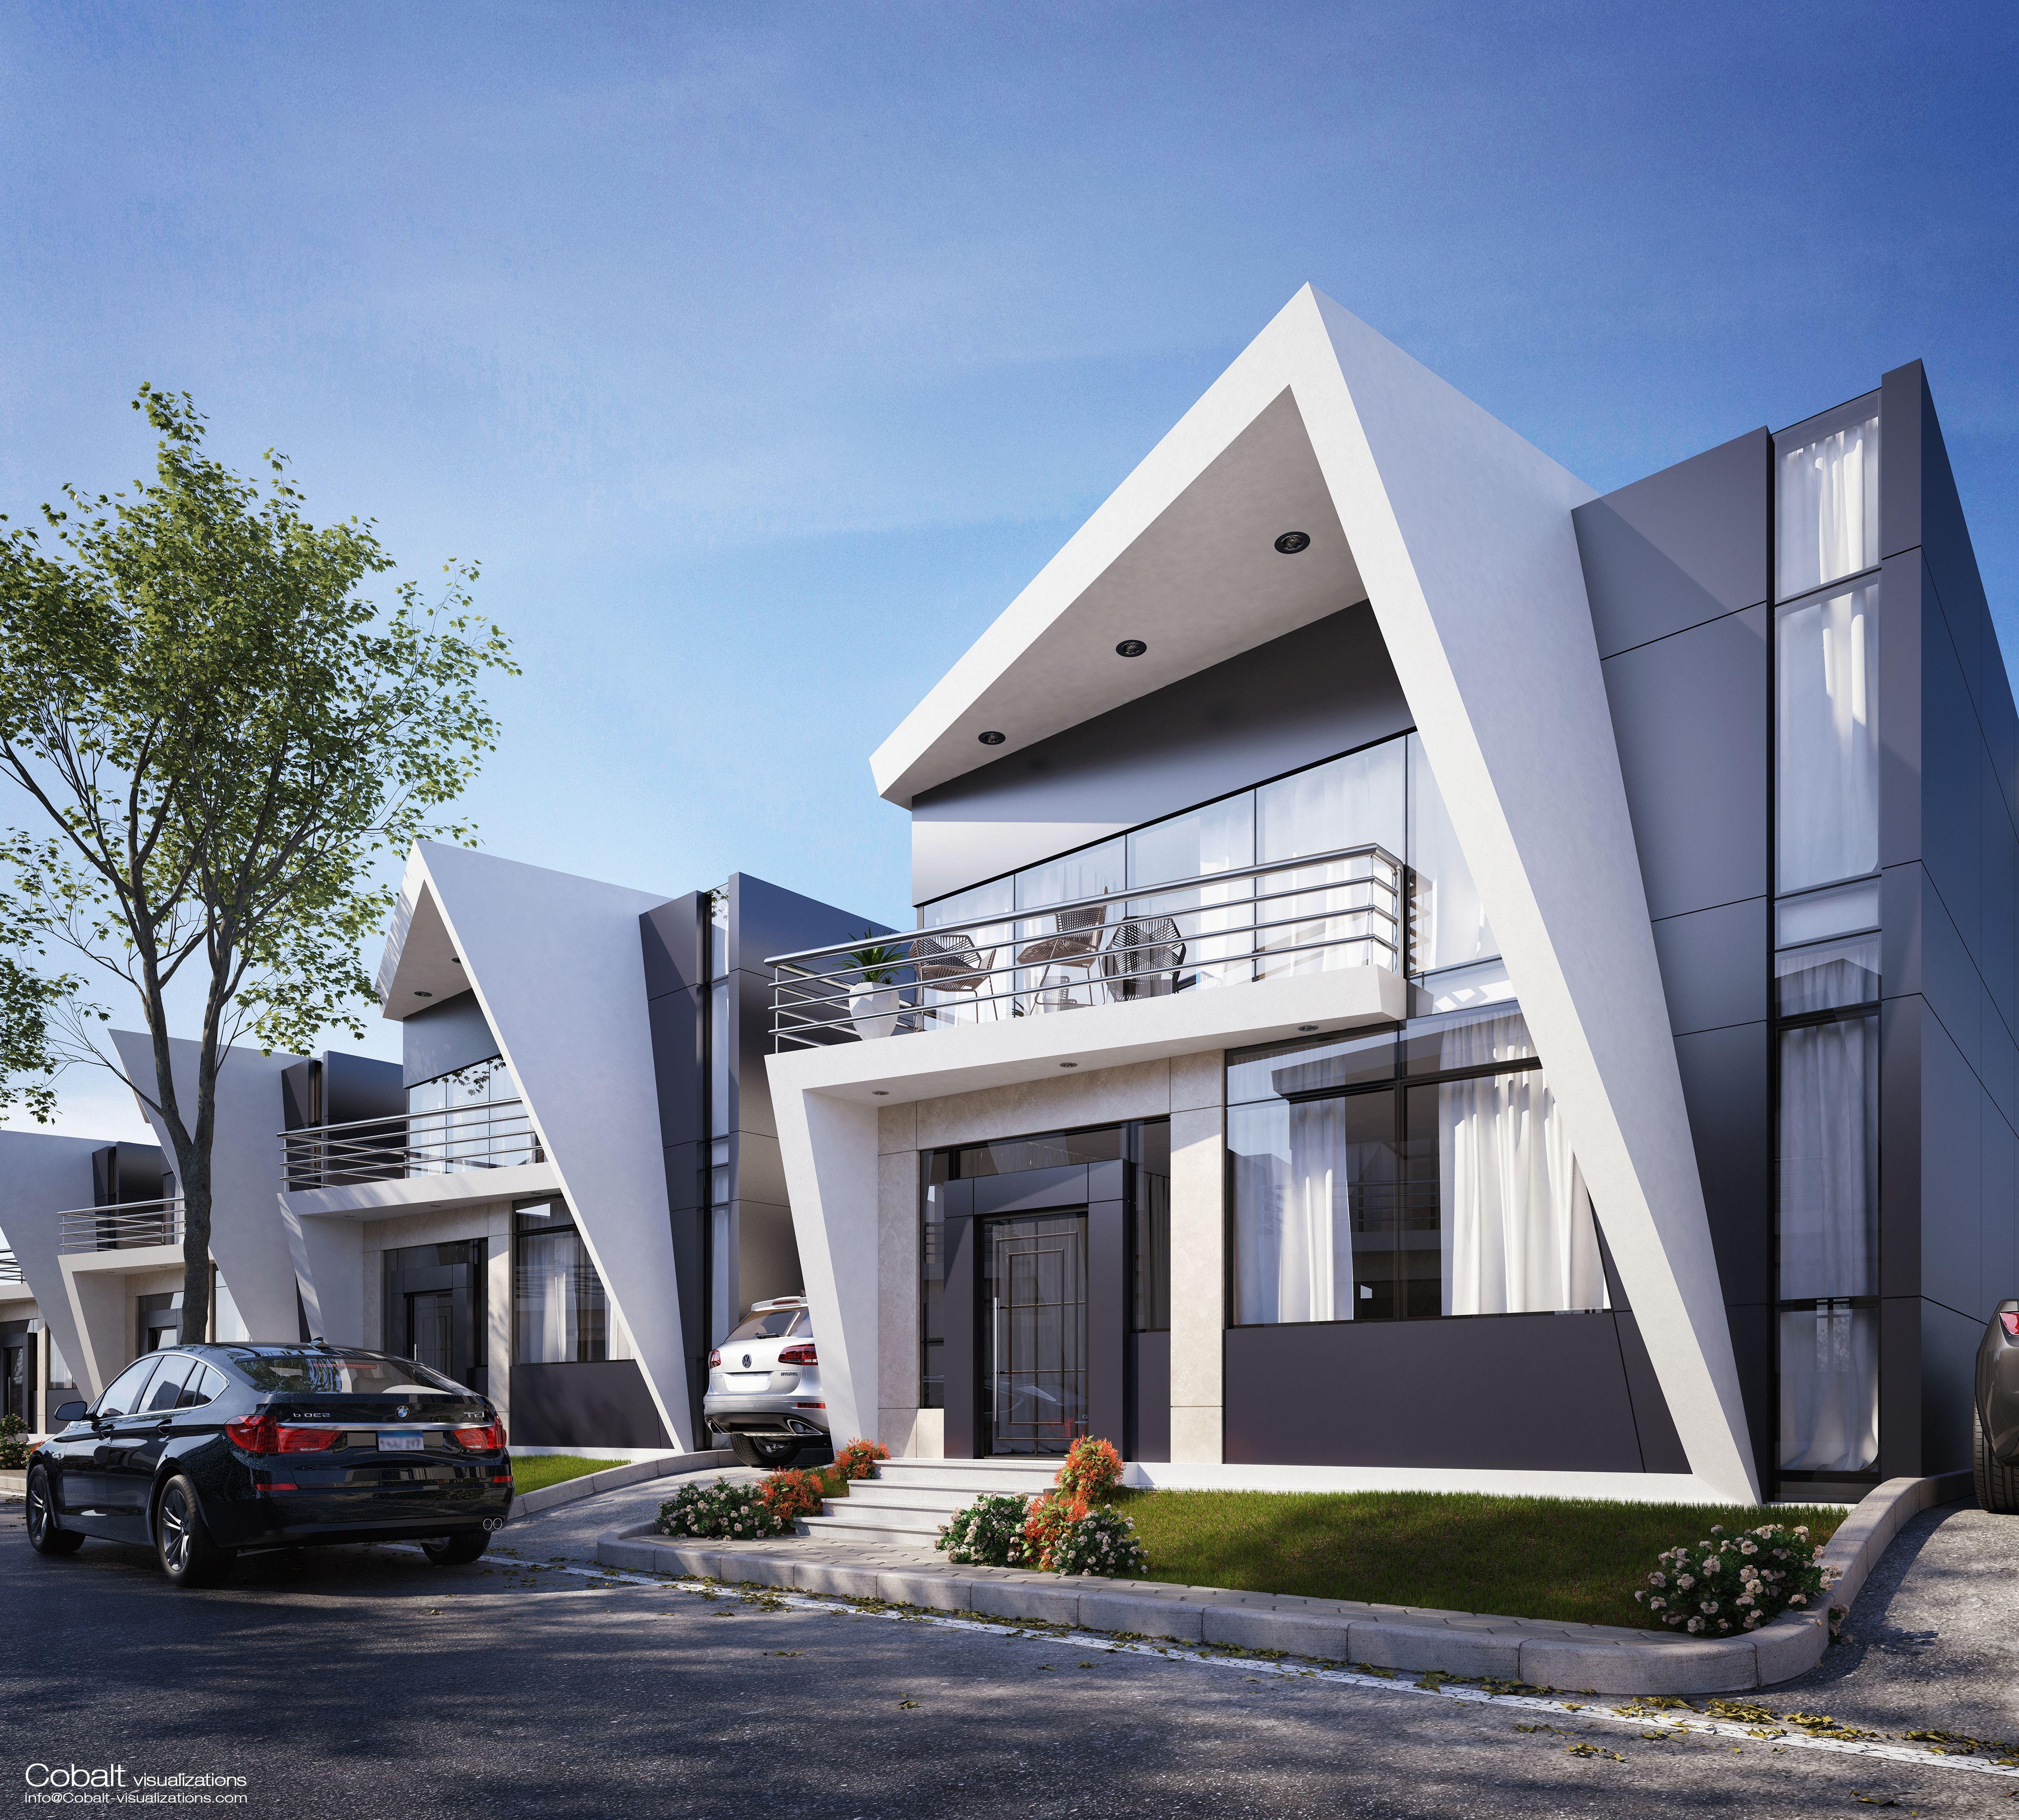 Exterior House Design Programs: Facade Architecture, Facade House